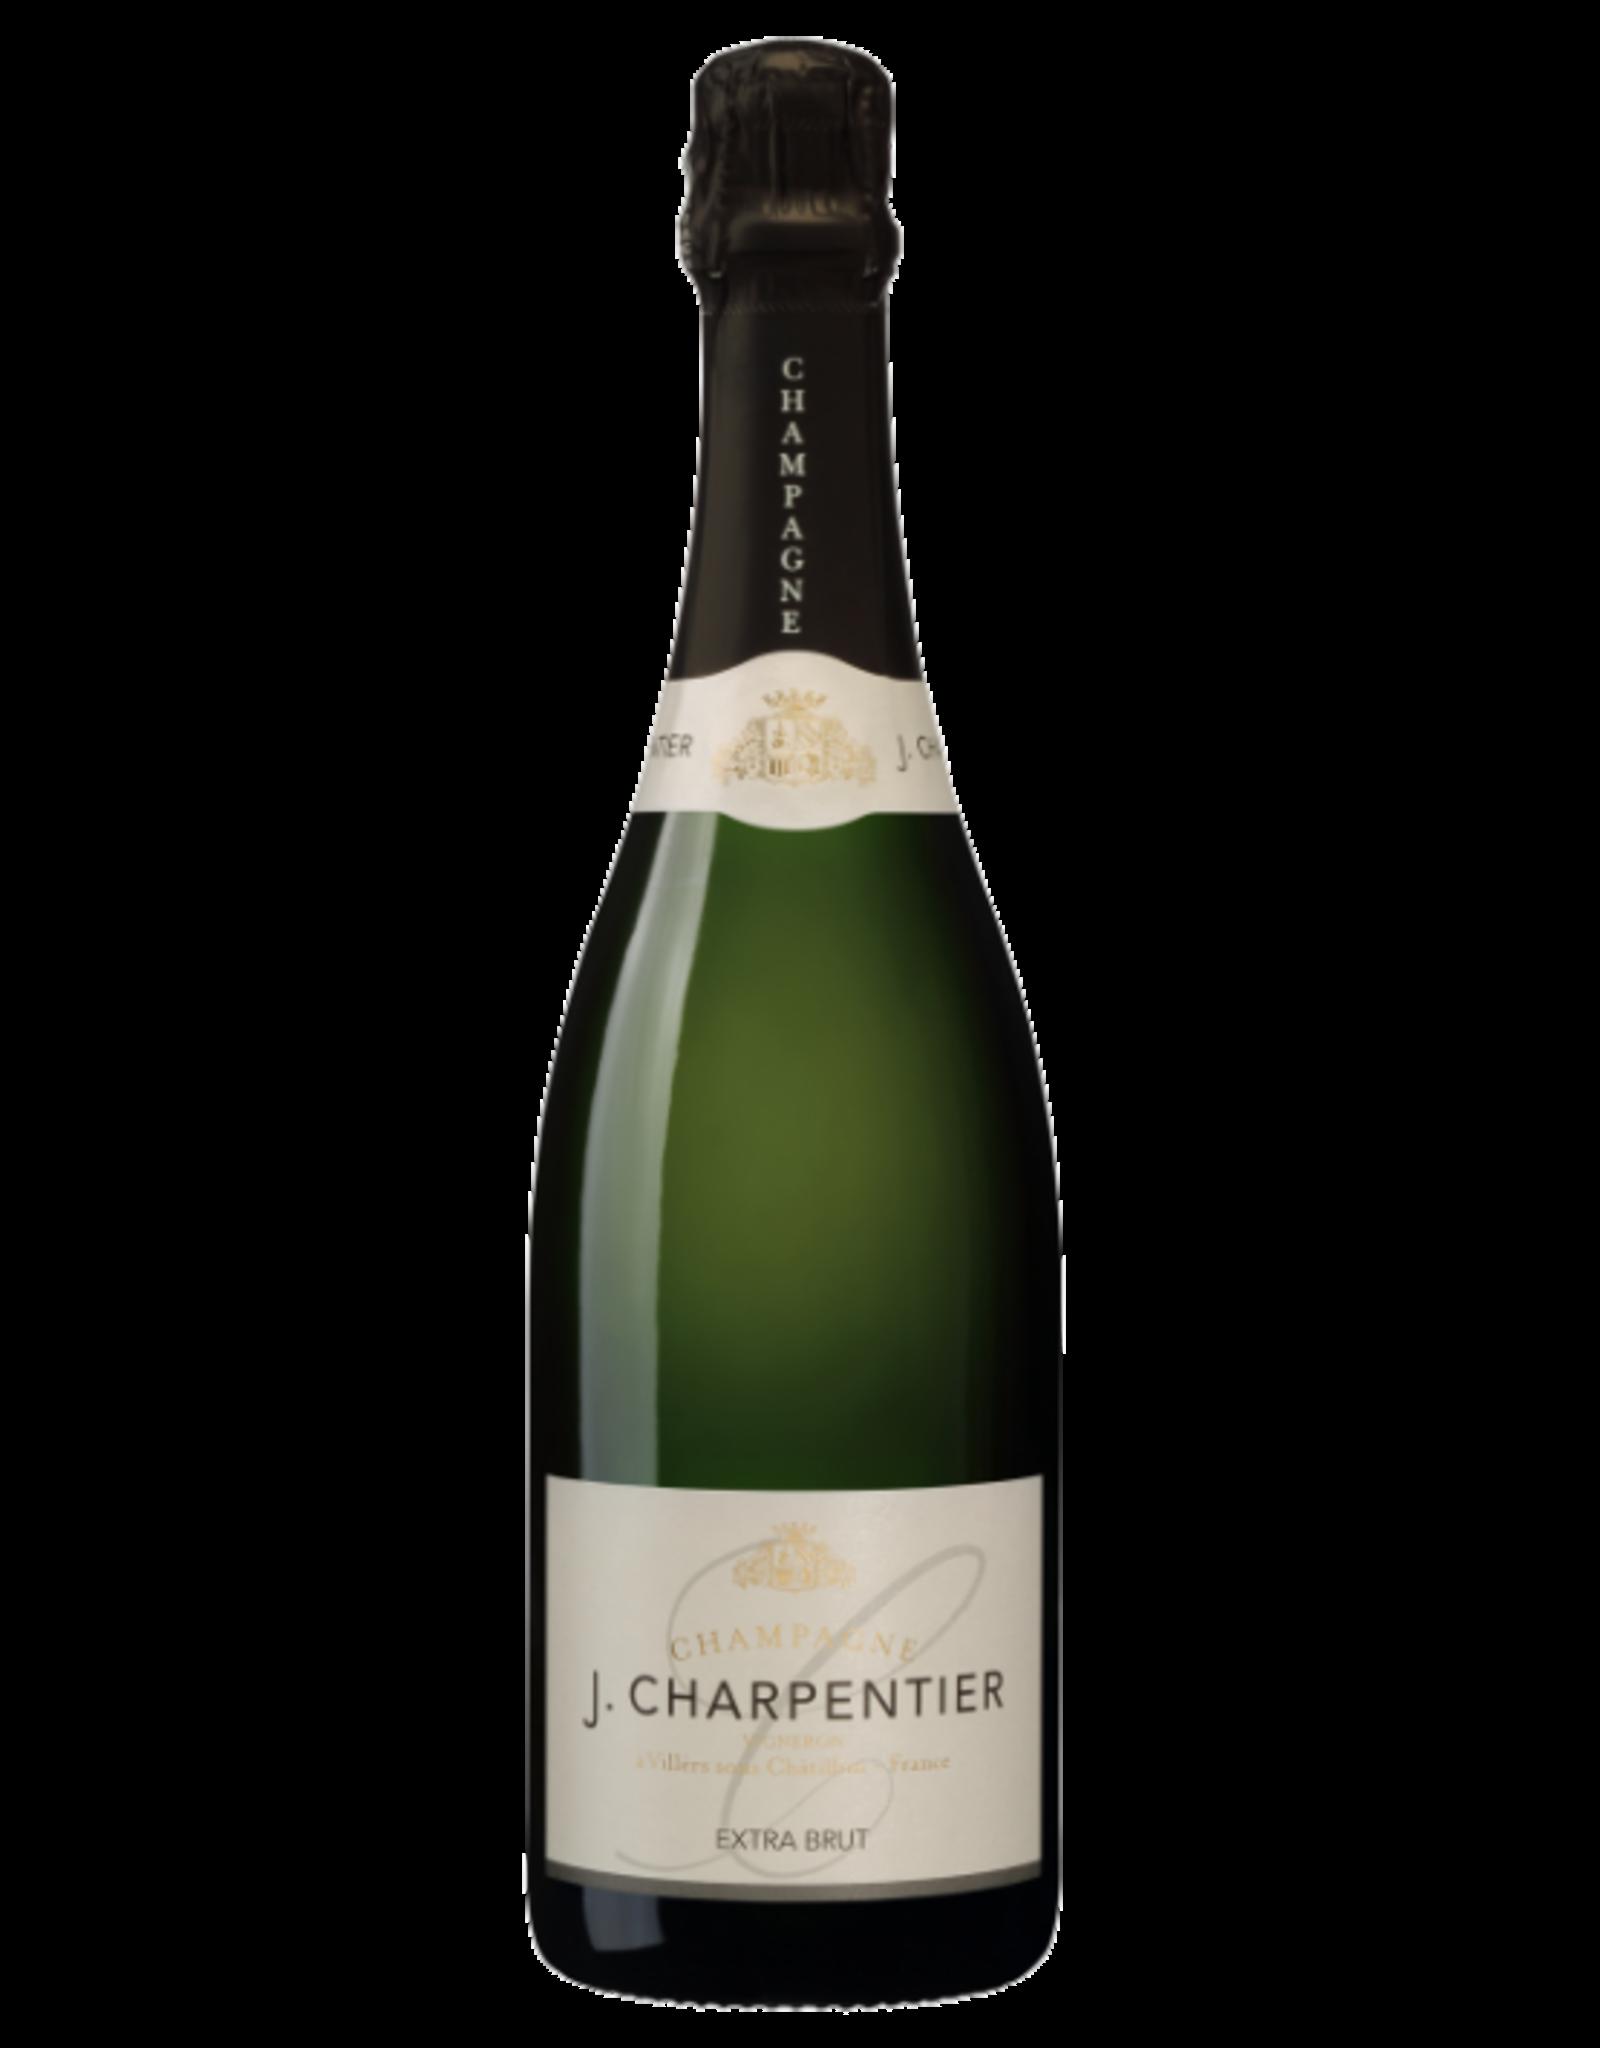 J. Charpentier Champagne J. Charpentier Extra Brut